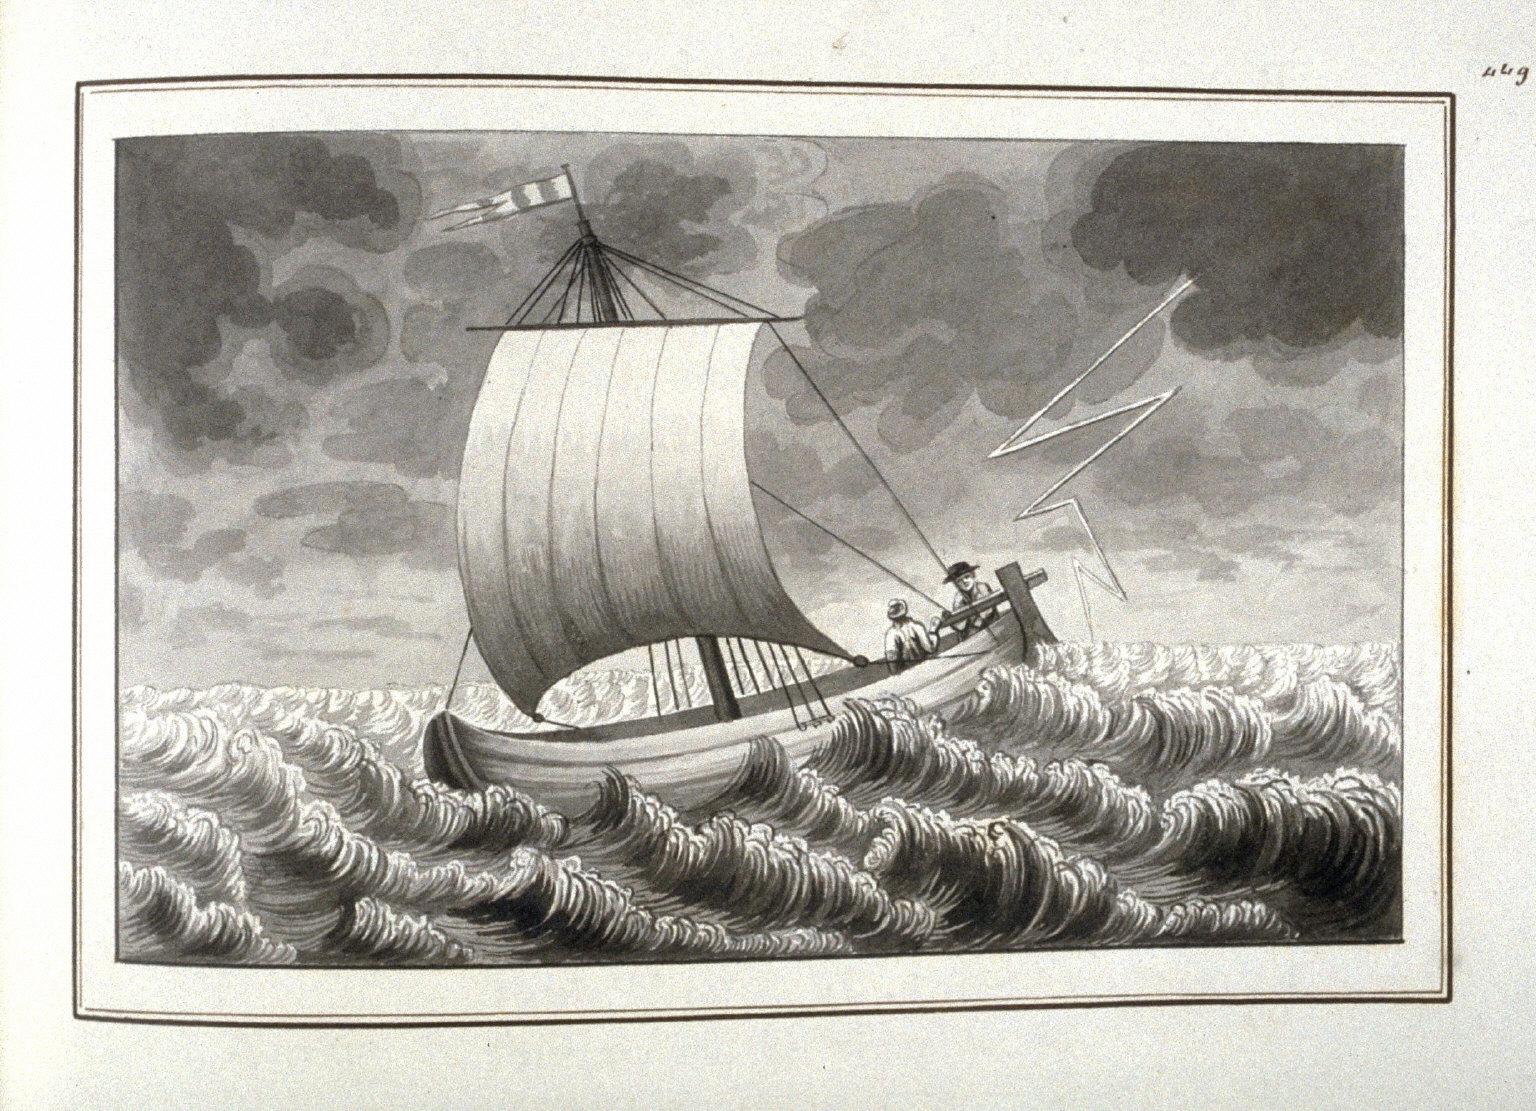 Le naufrage de Thérèse, page 449 of the book, Mon passe-tems dédié à moi-même , vol.2